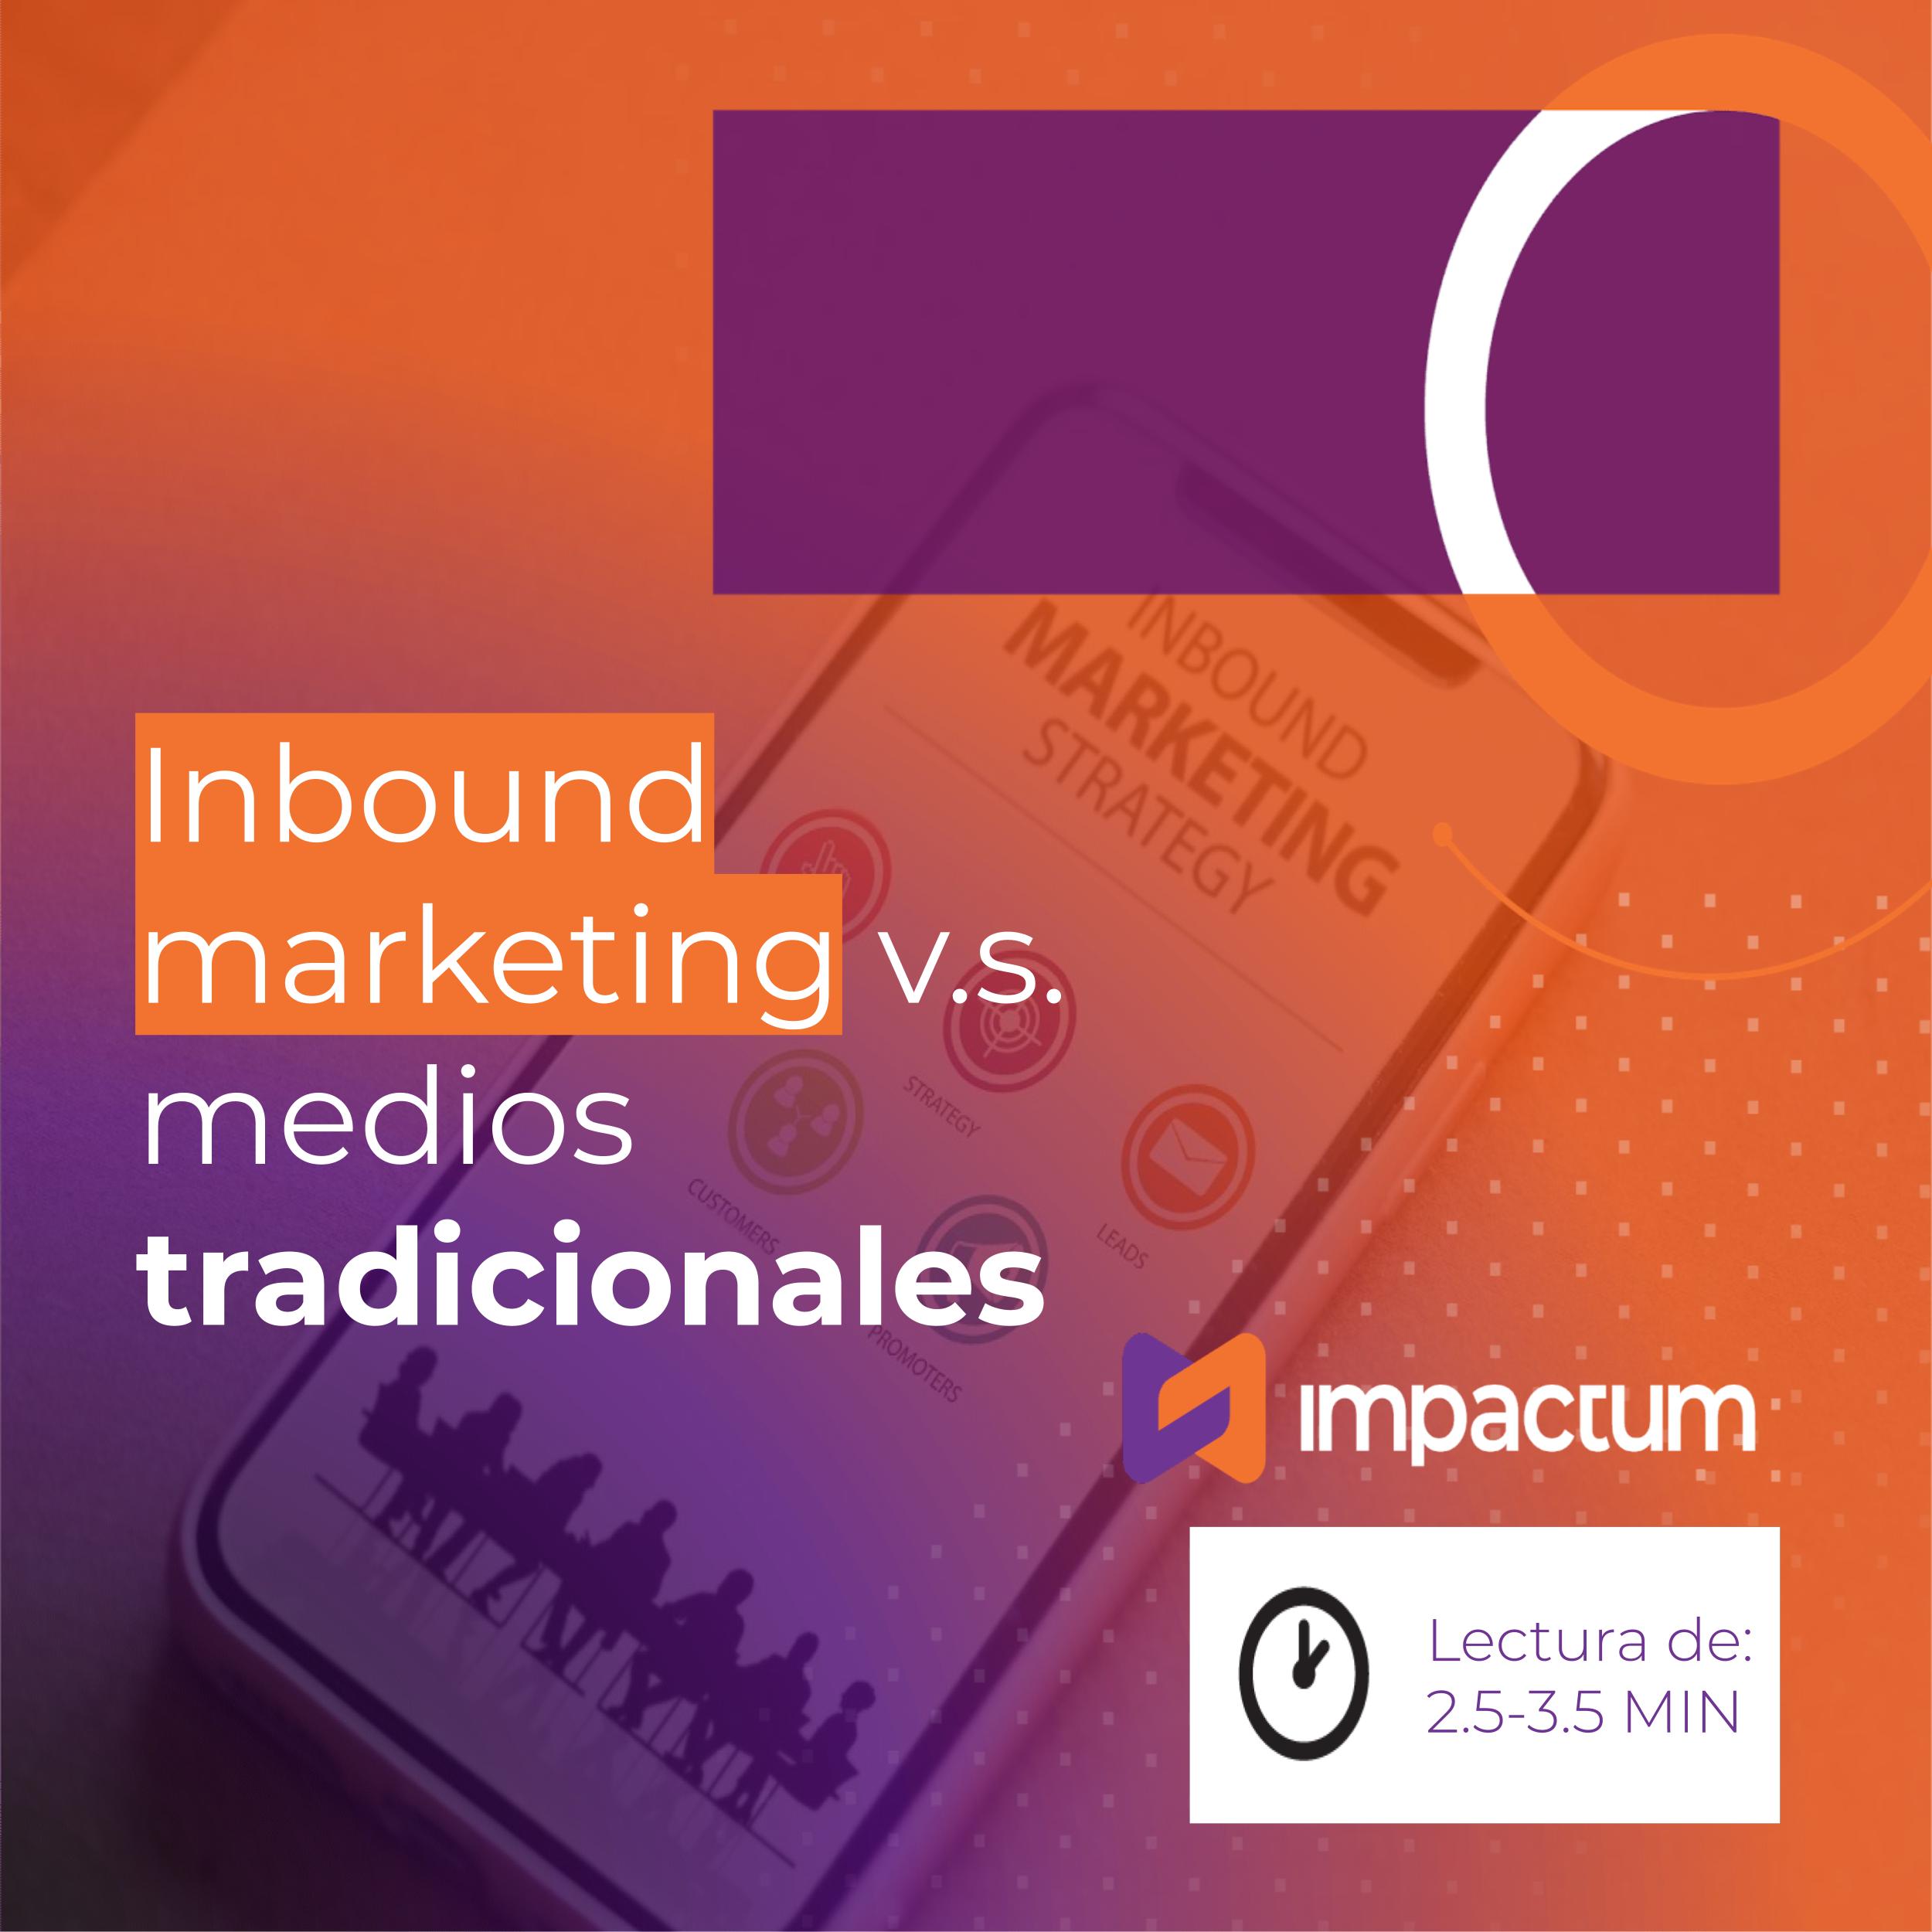 Inbound Marketing vs medios tradicionales